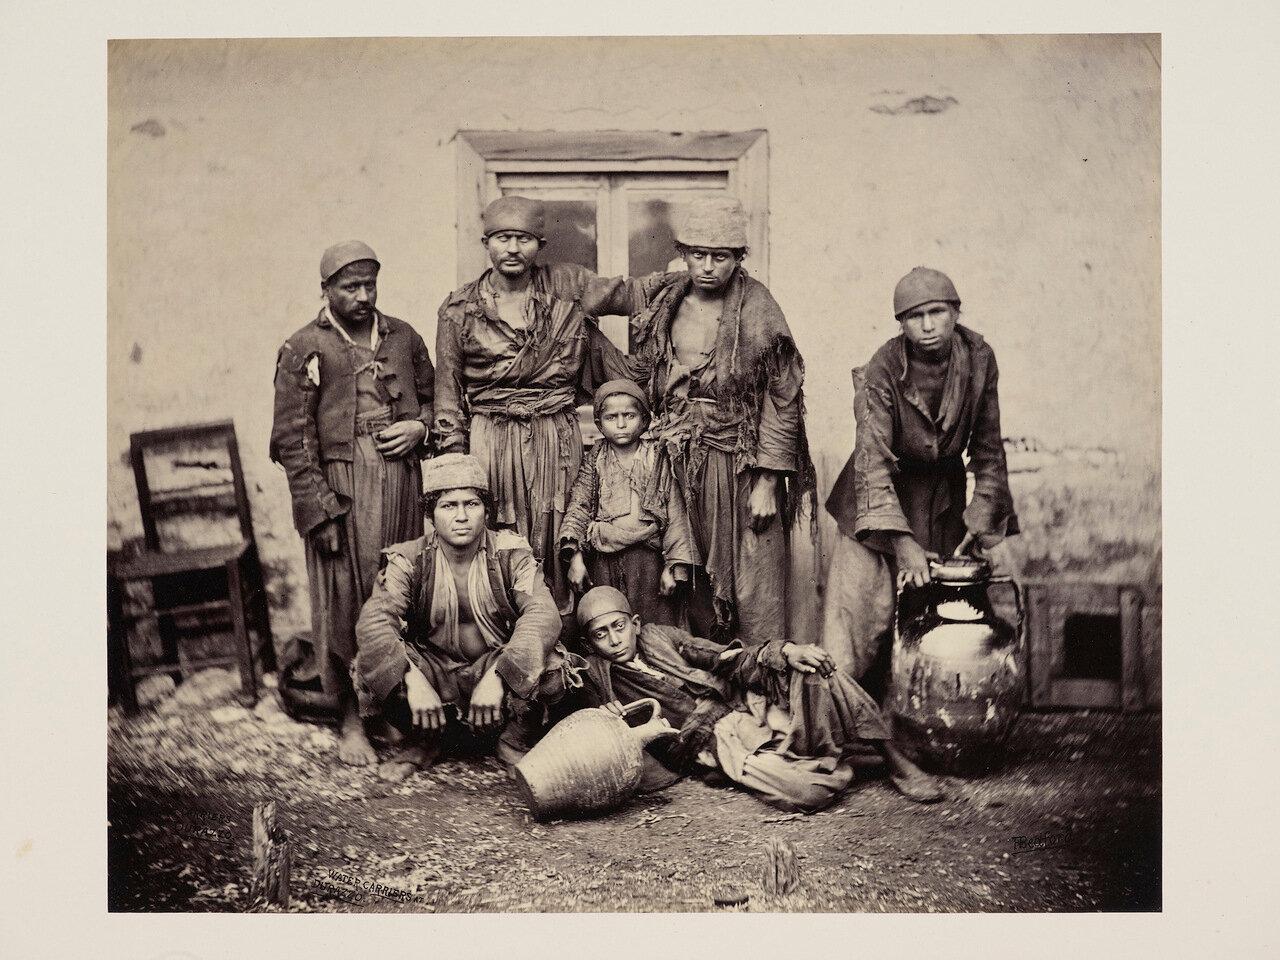 22 февраля. Водоносы из Дурреса, Албания